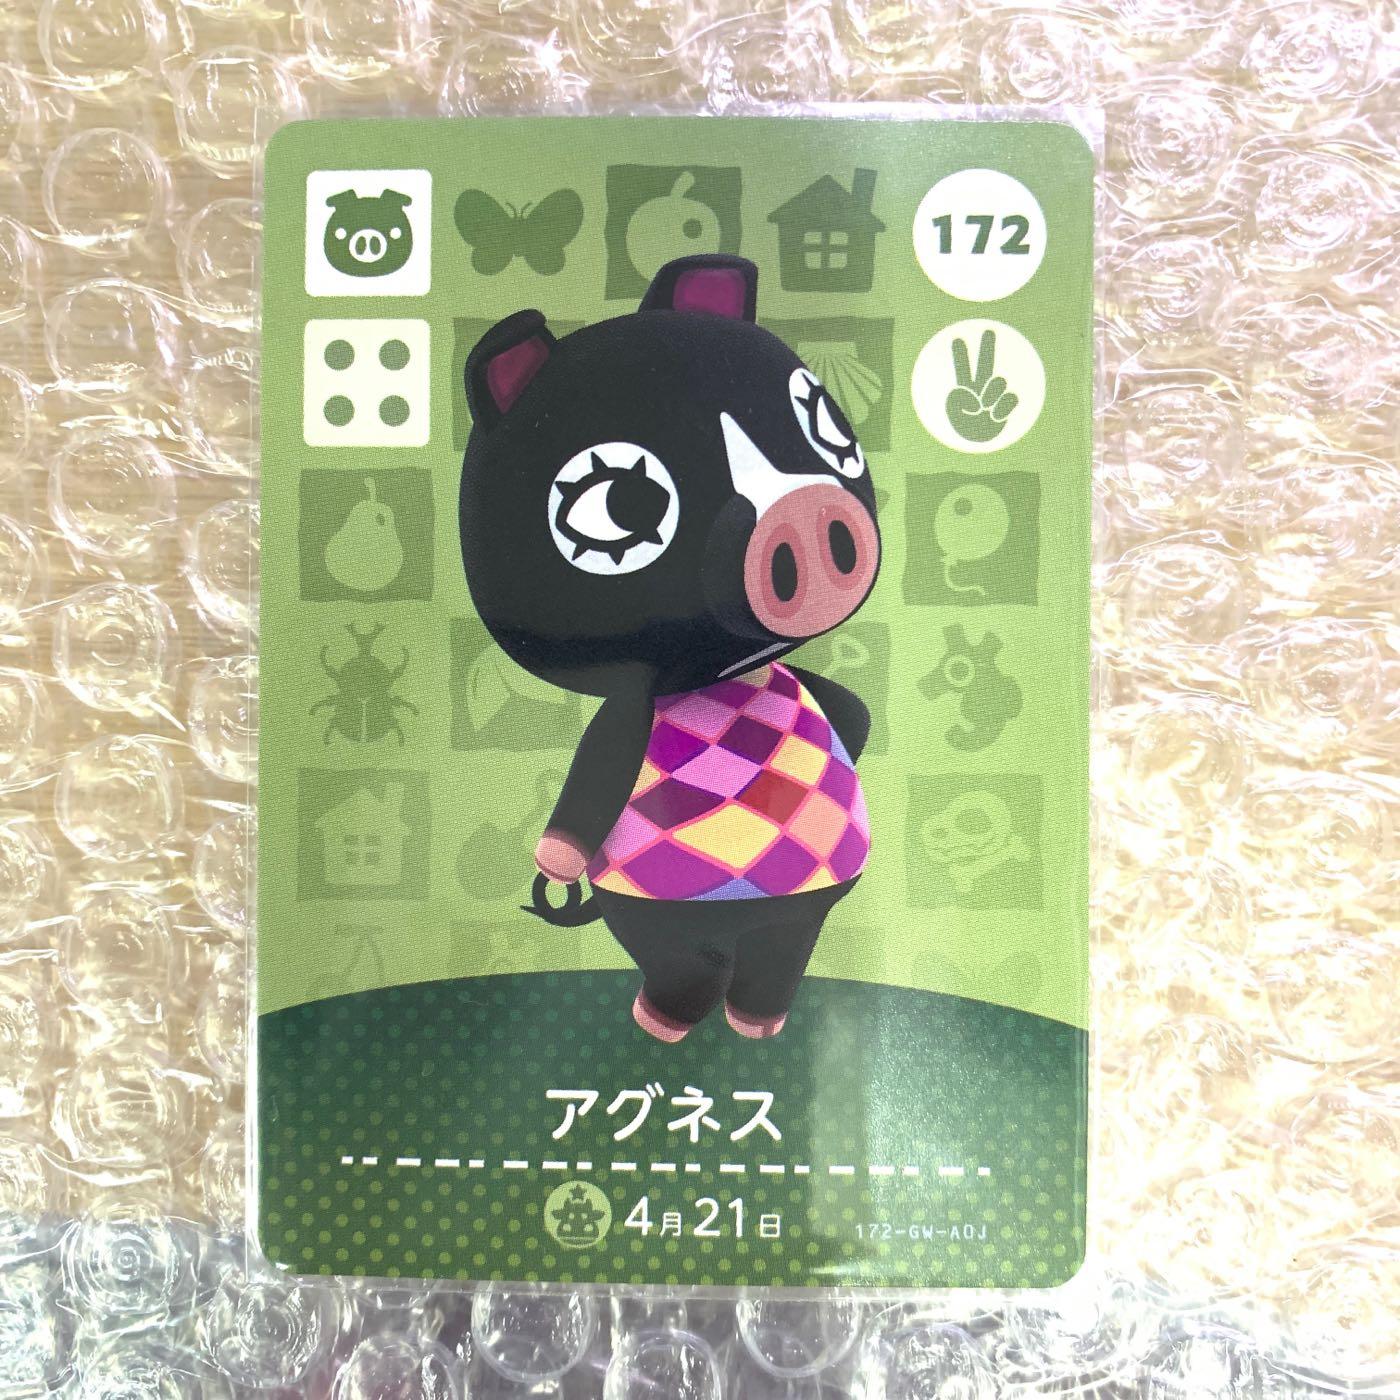 動物森友會 Amiibo 動森 卡 no.172 古乃欣 正版/日版 動物之森 nintendo switch